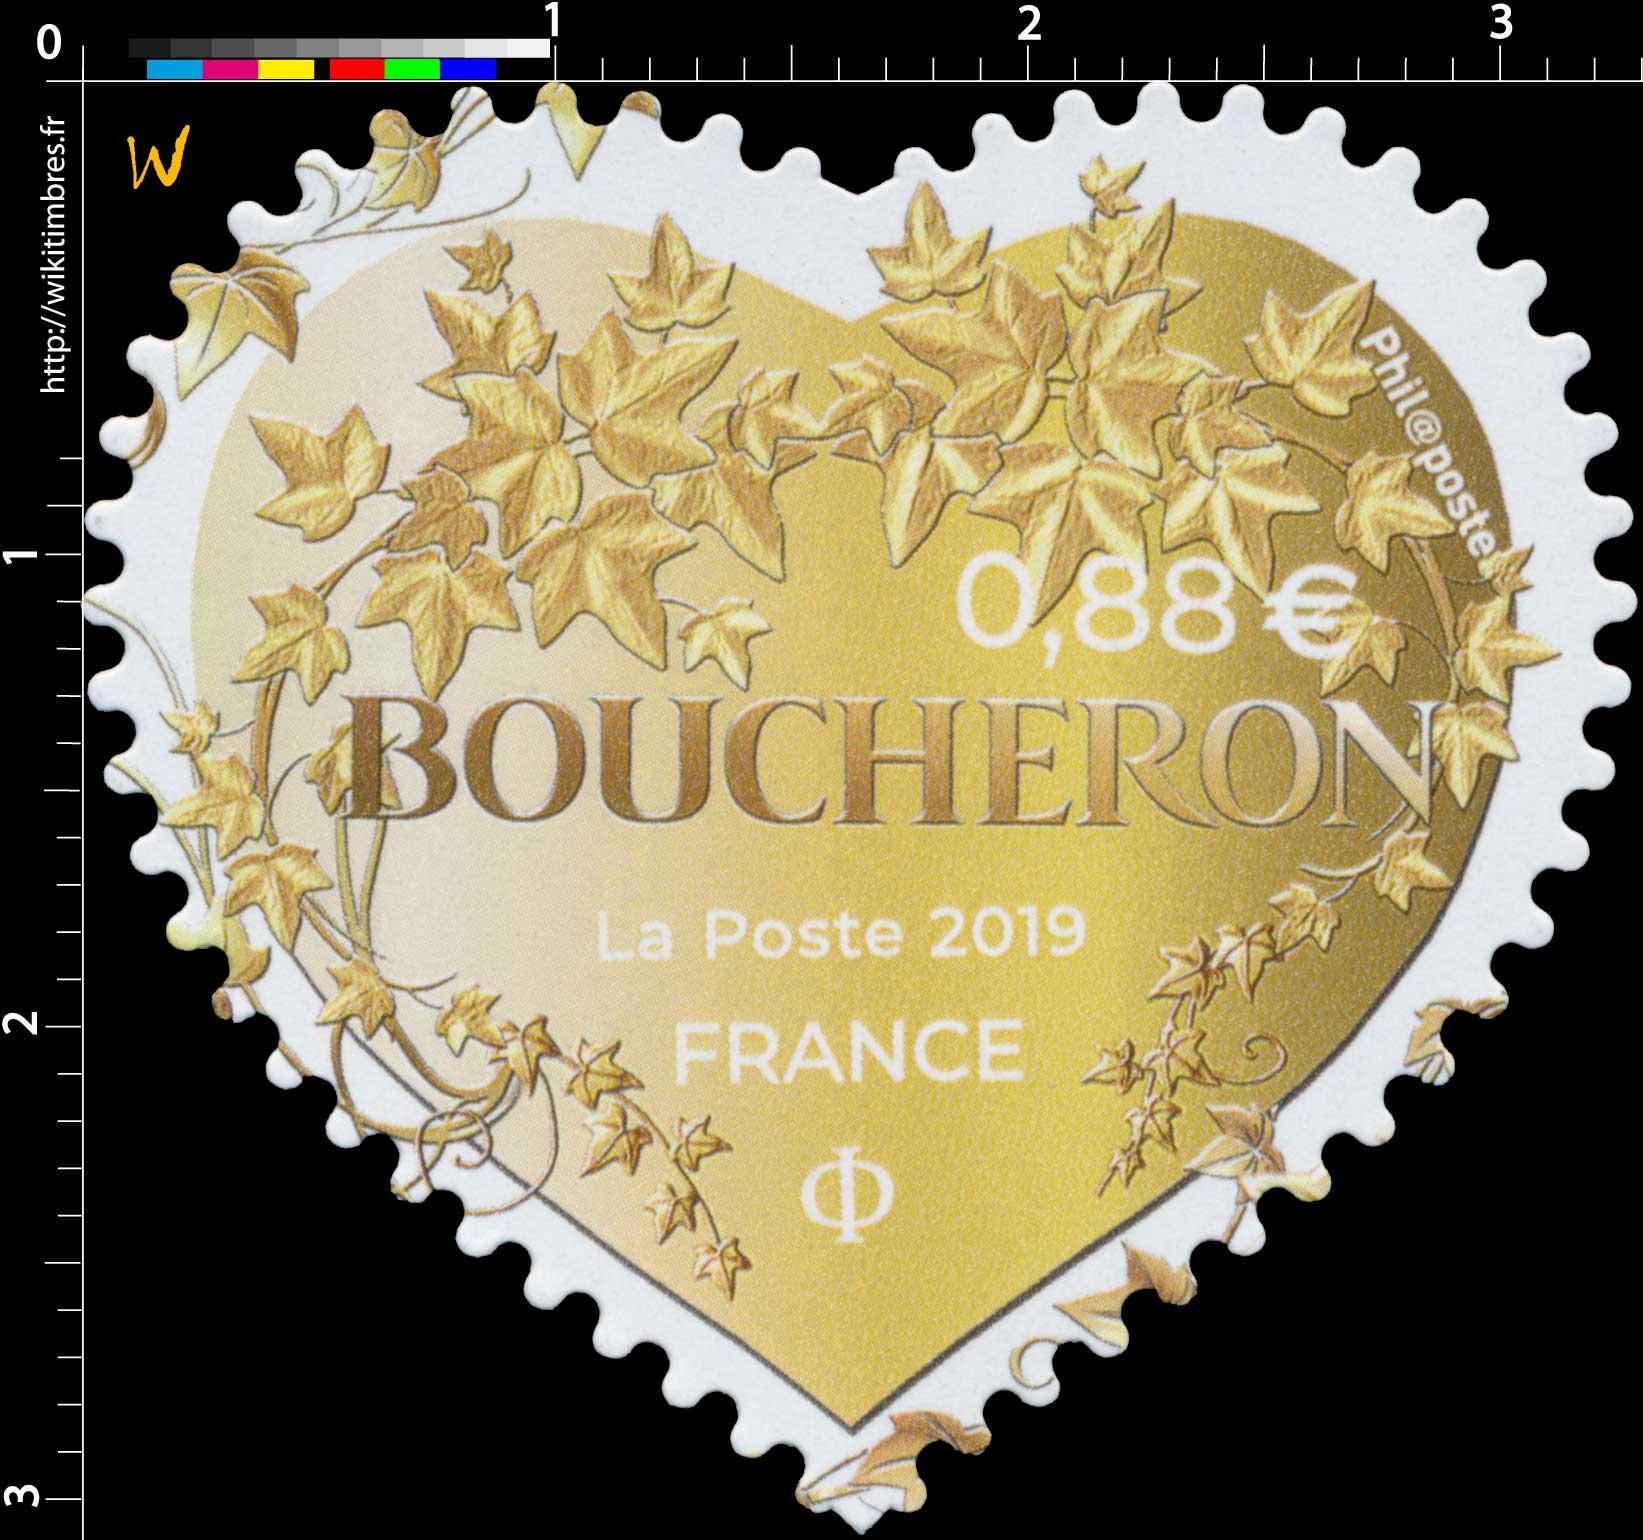 2019 BOUCHERON